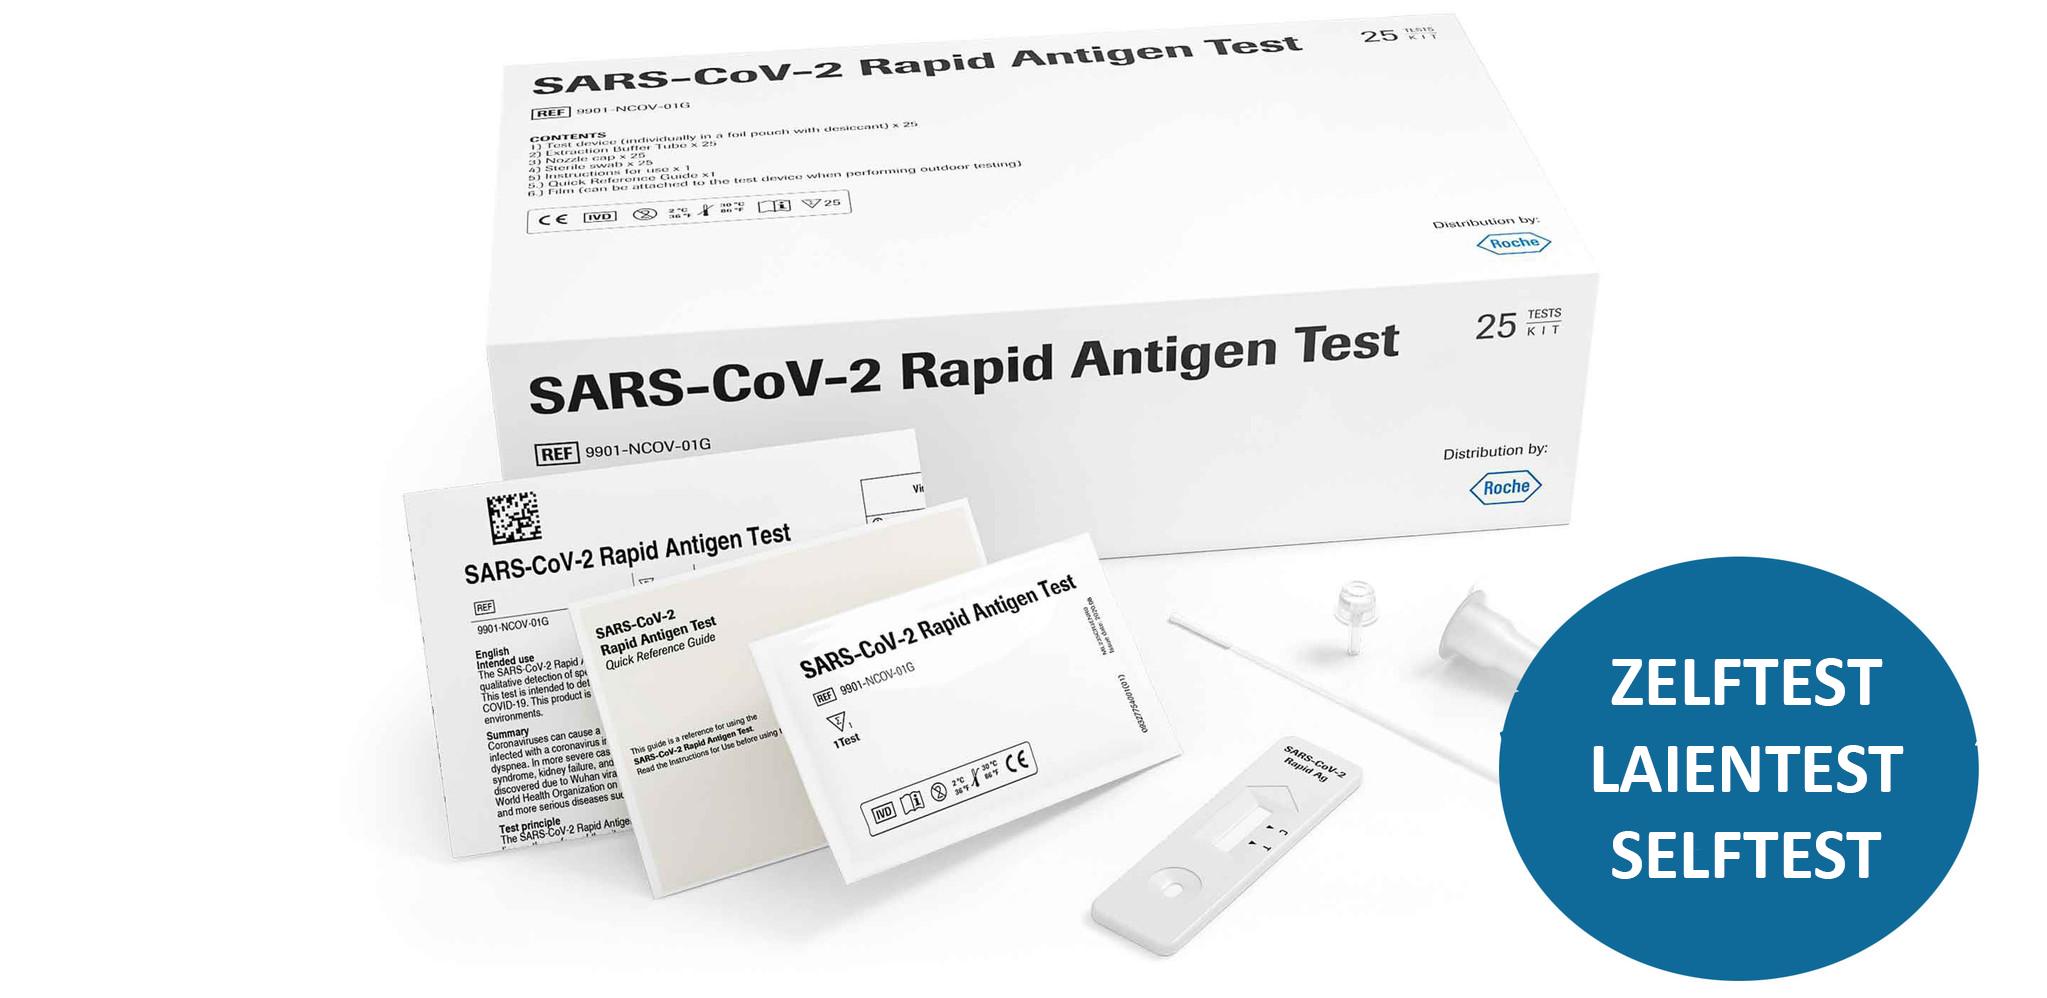 Corona zelftest particulier 1 stuks, Roche Corona-Antigeen test , neus swab - goedgekeurd door VWS